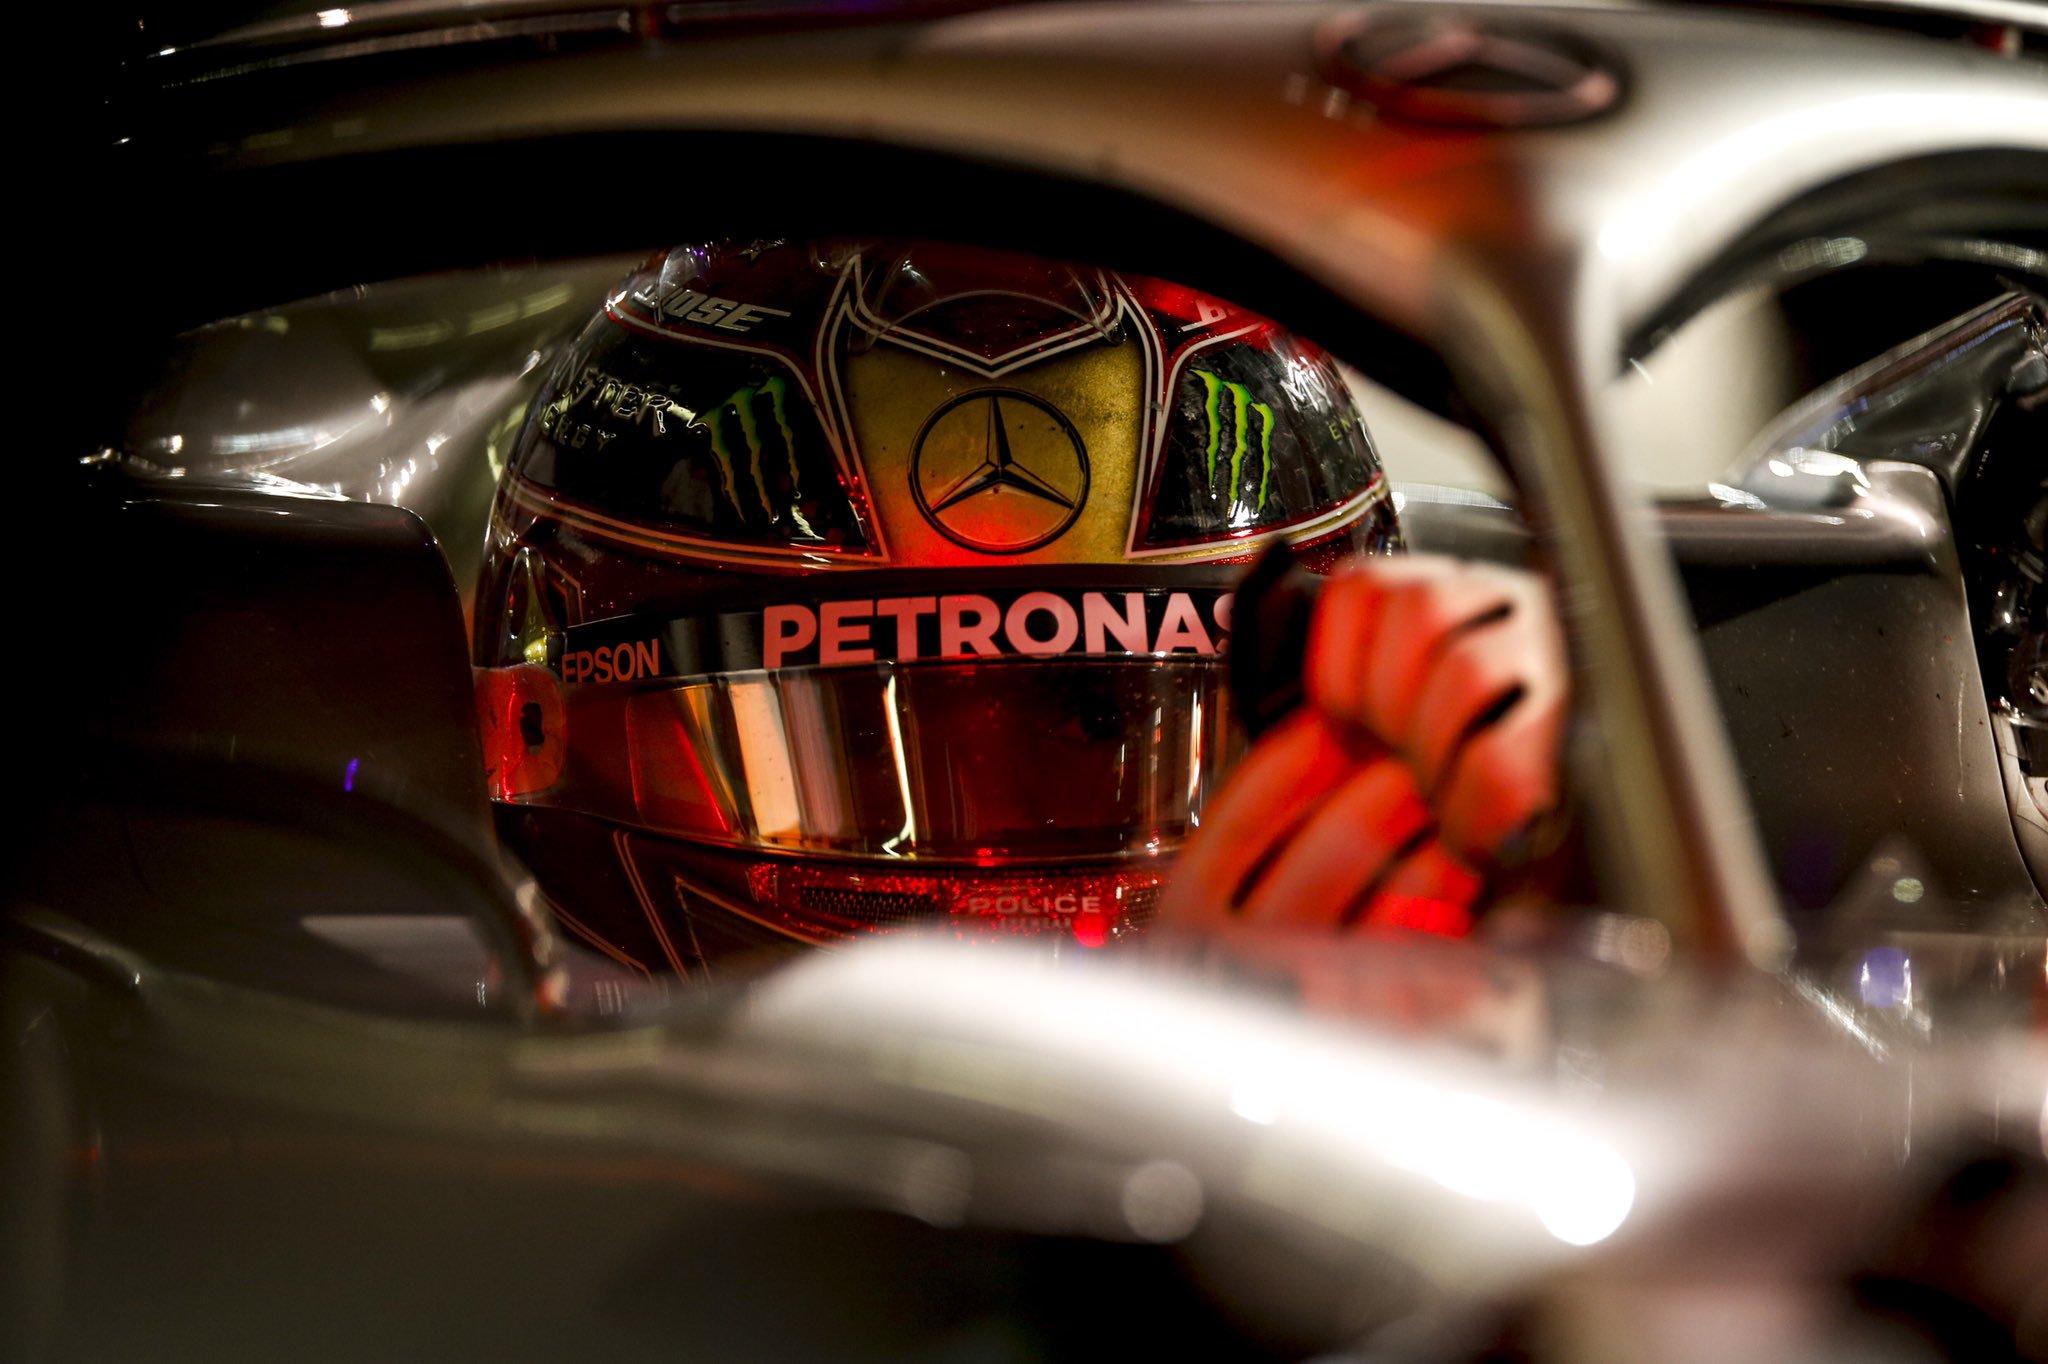 Льюис Хэмилтон выиграл поул перед Гран-при Абу-Даби 2019 года с рекордом круга, Квят — 14-й